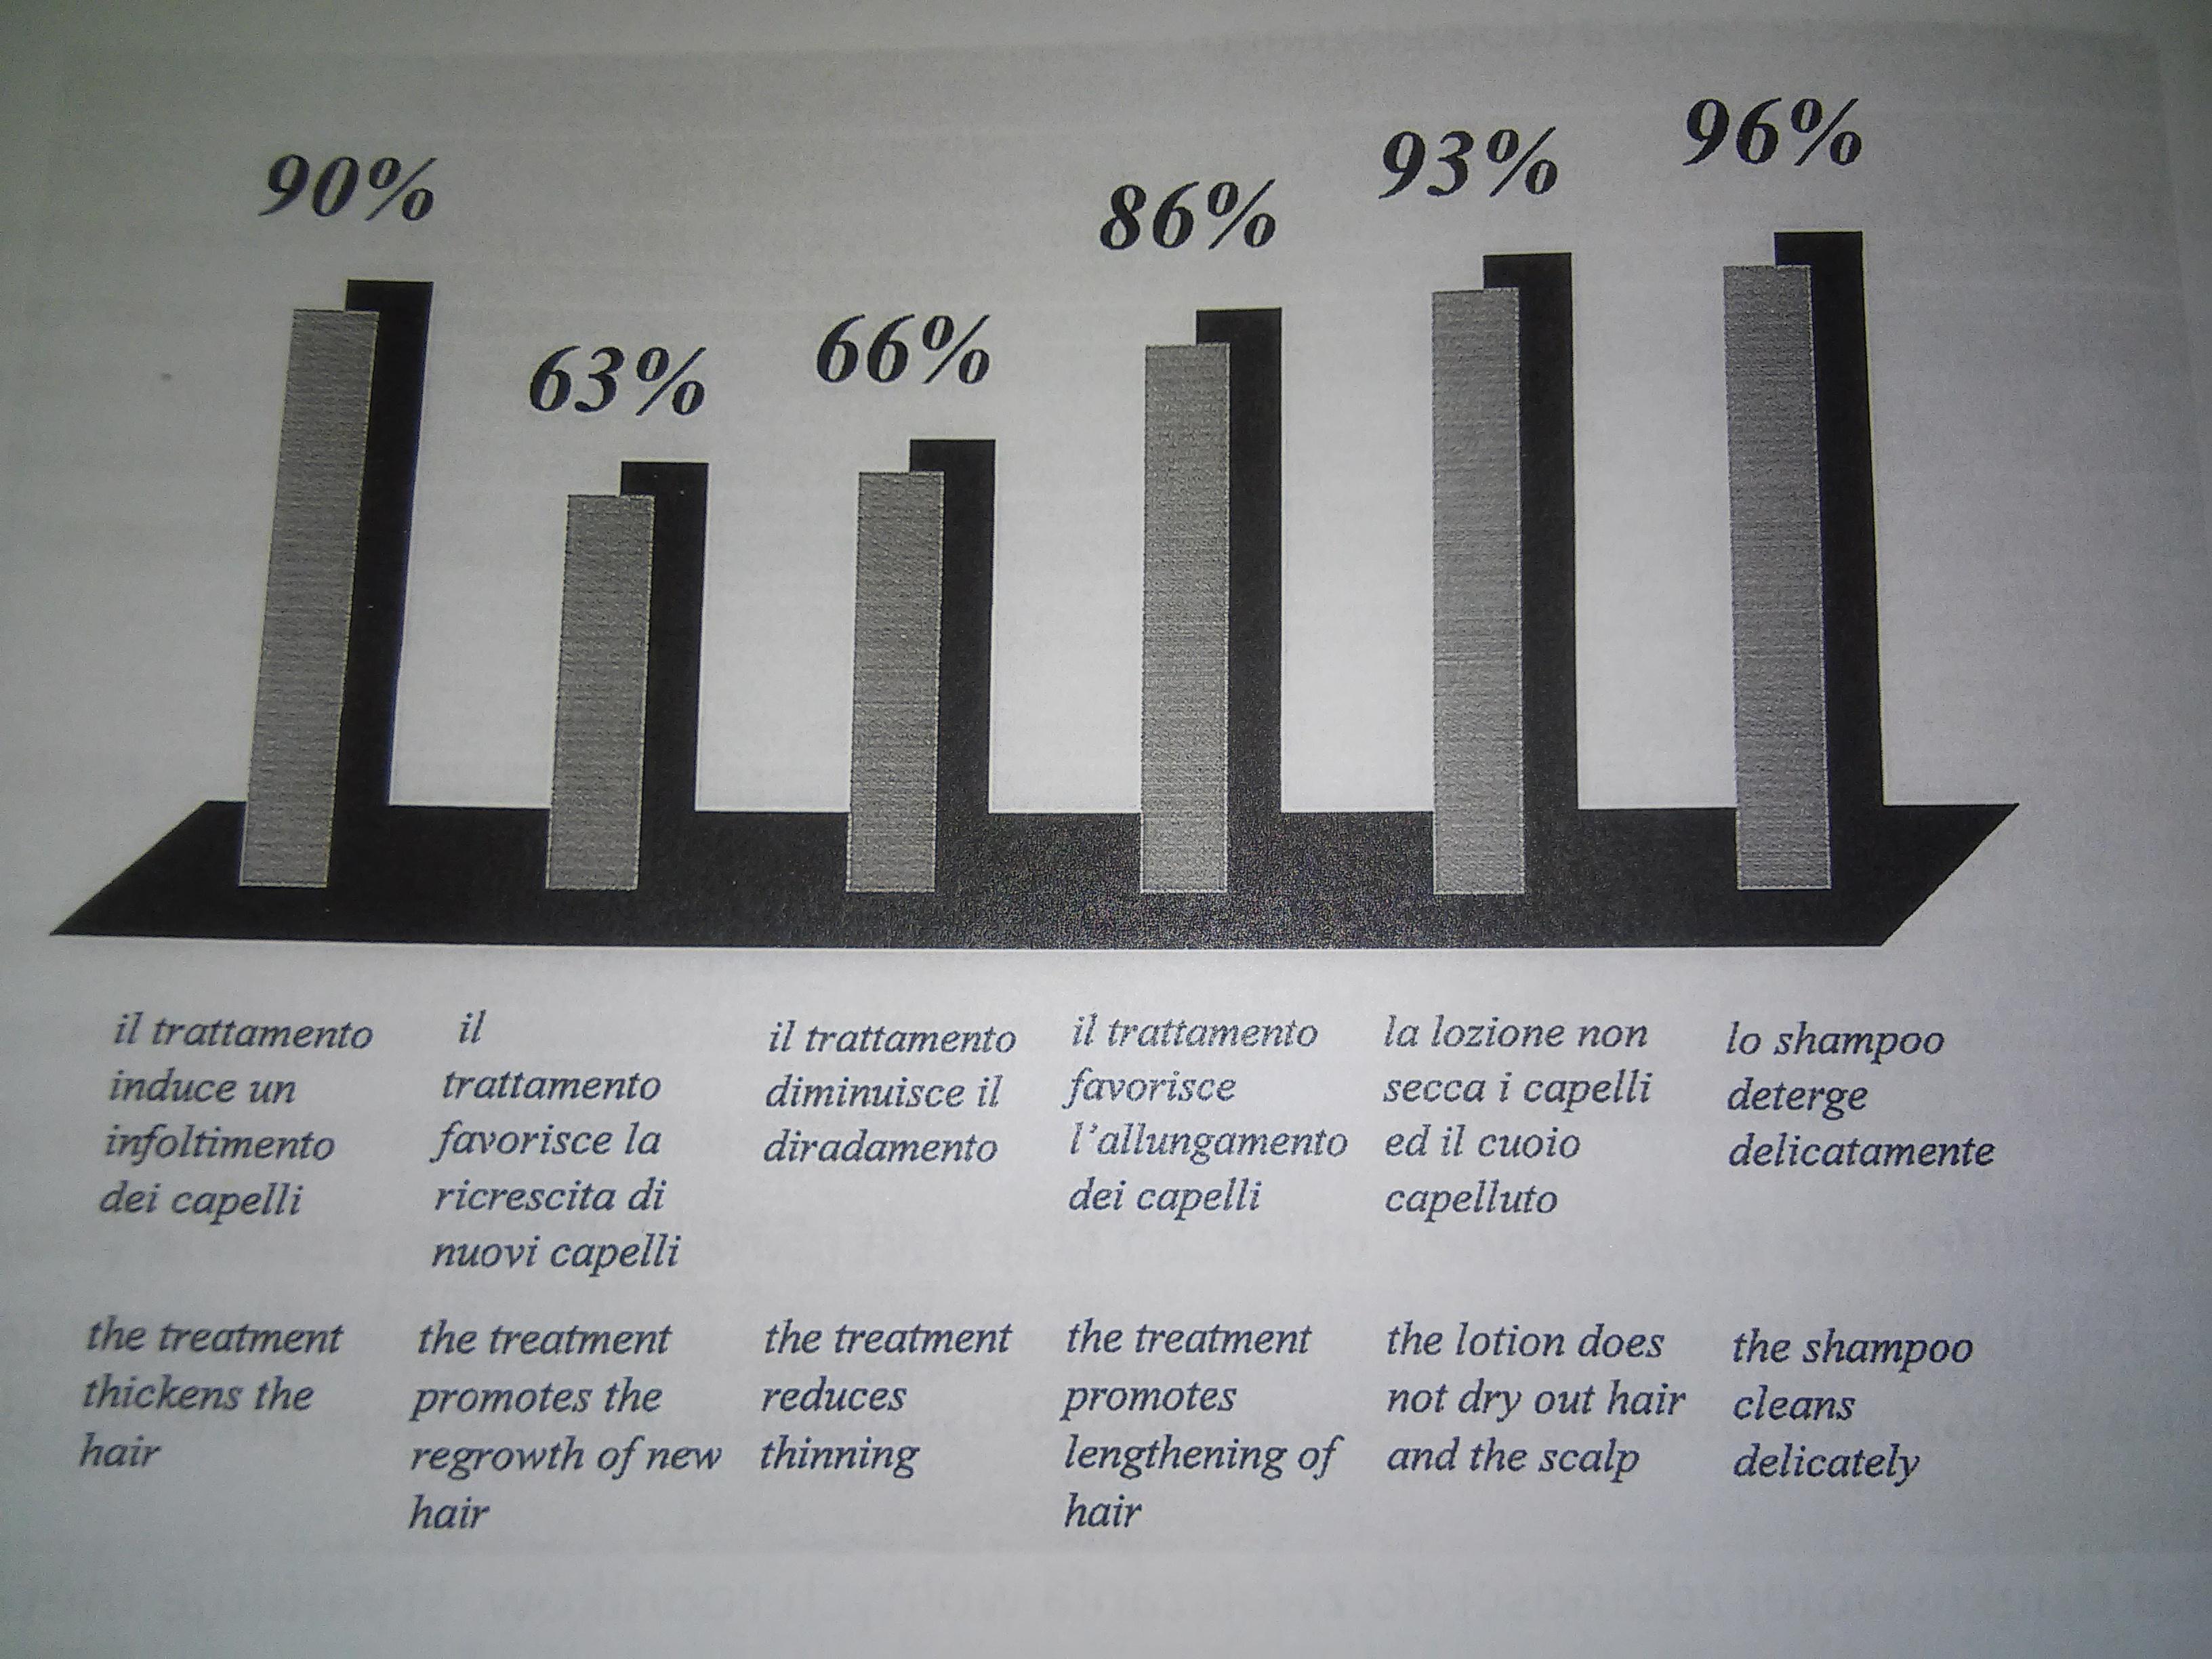 wyniki badań klinicznych w diagramie procenotwym